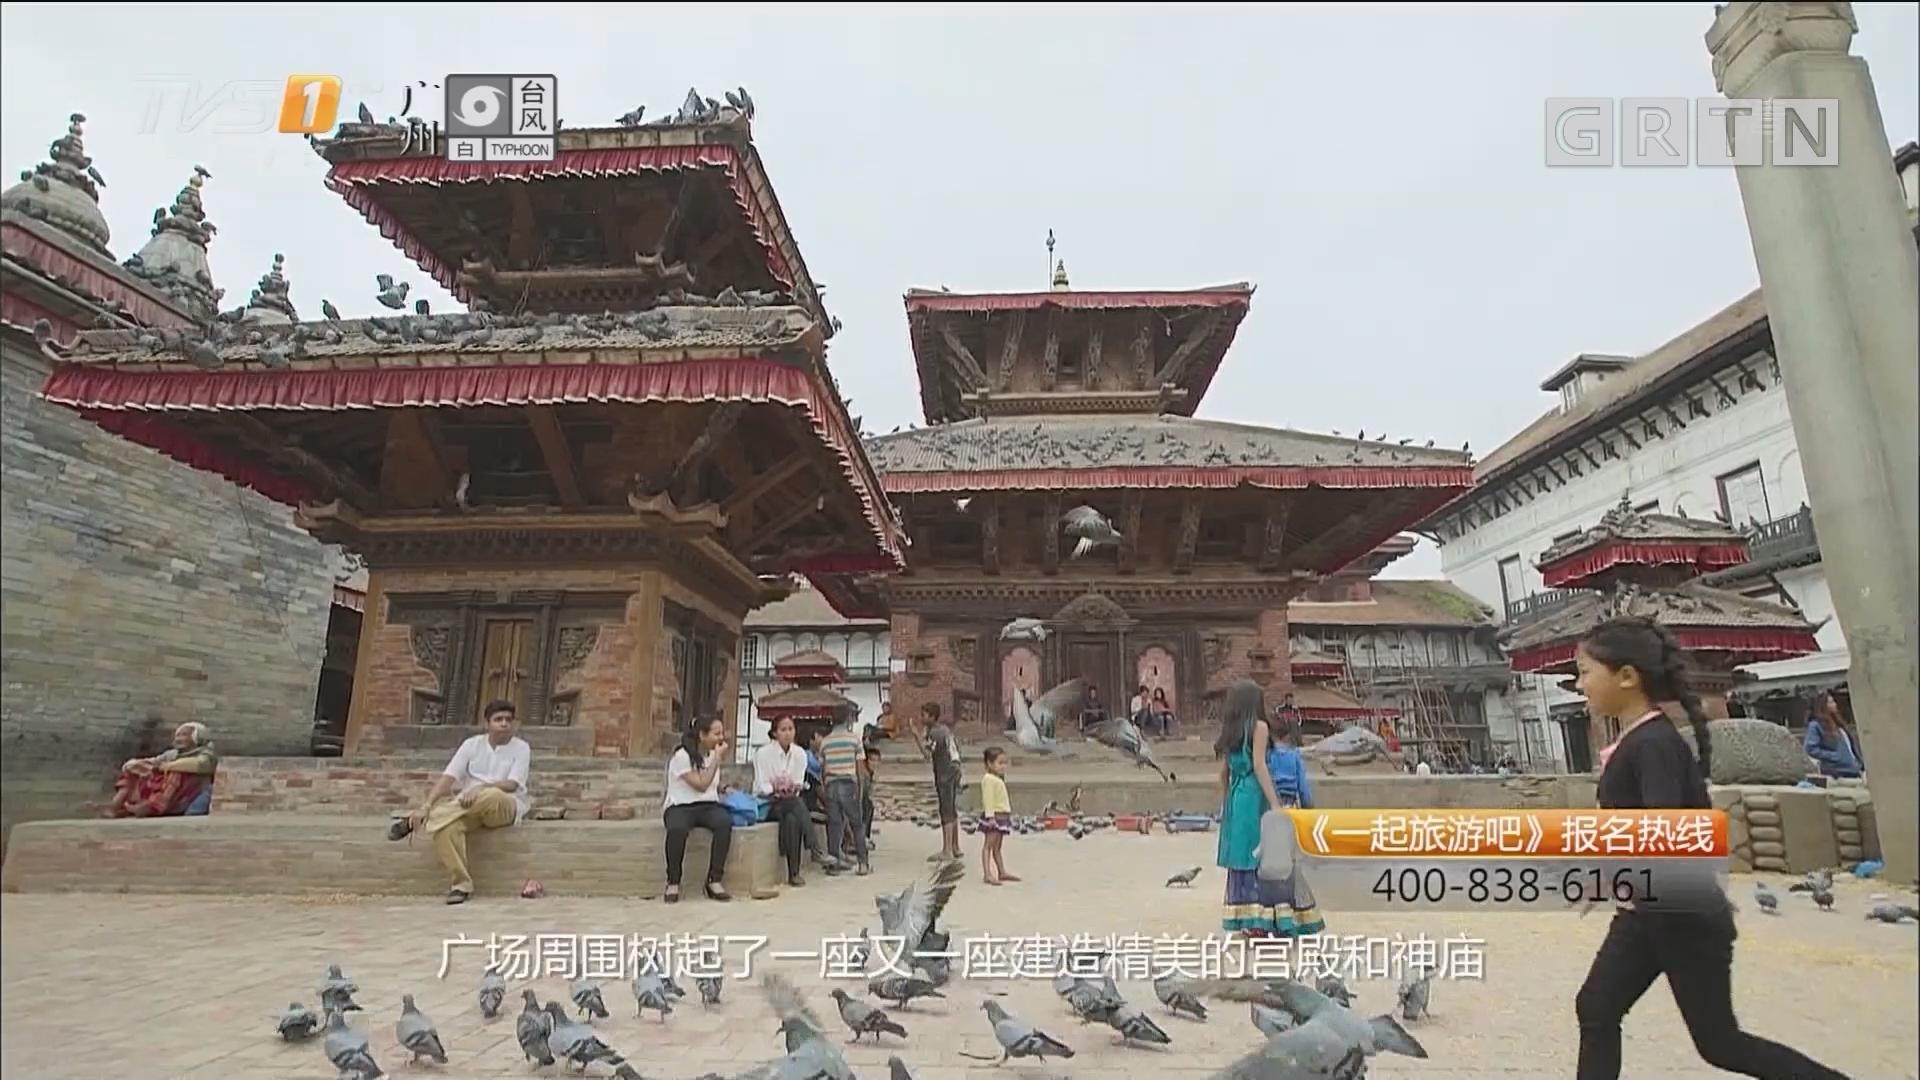 尼泊尔——杜巴广场